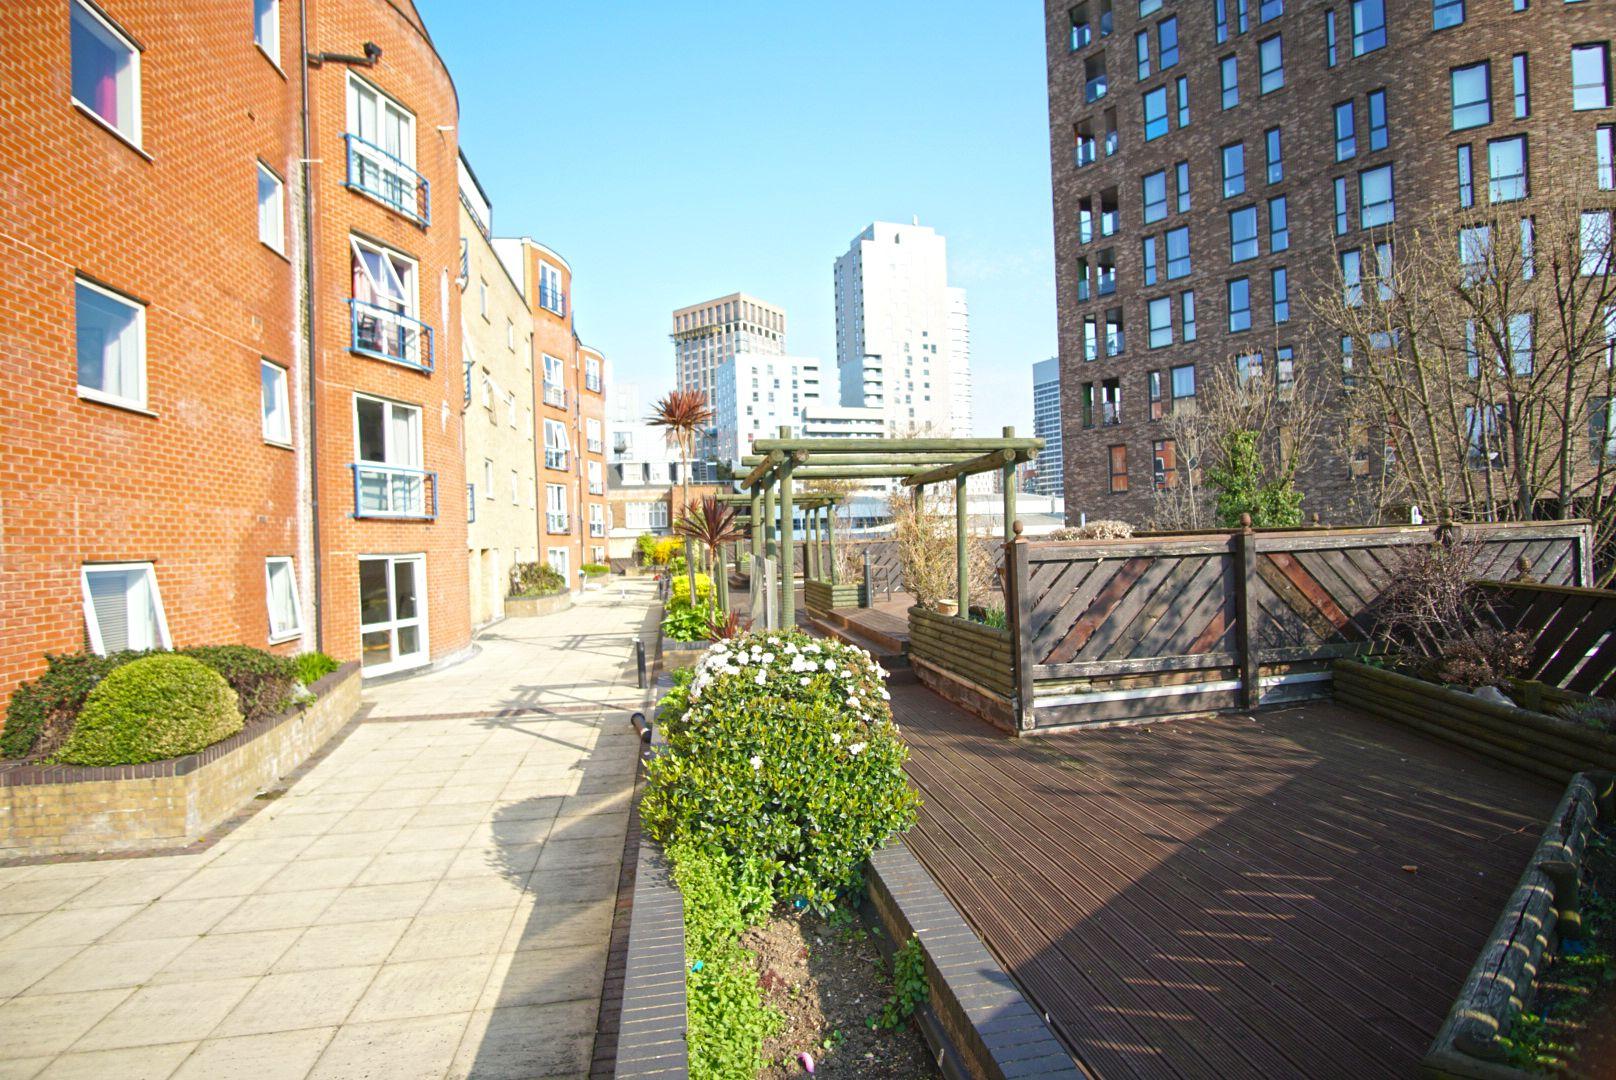 Canary Wharf - O2 Arena - Zone 2 Superior Apartment, London E14 0BG